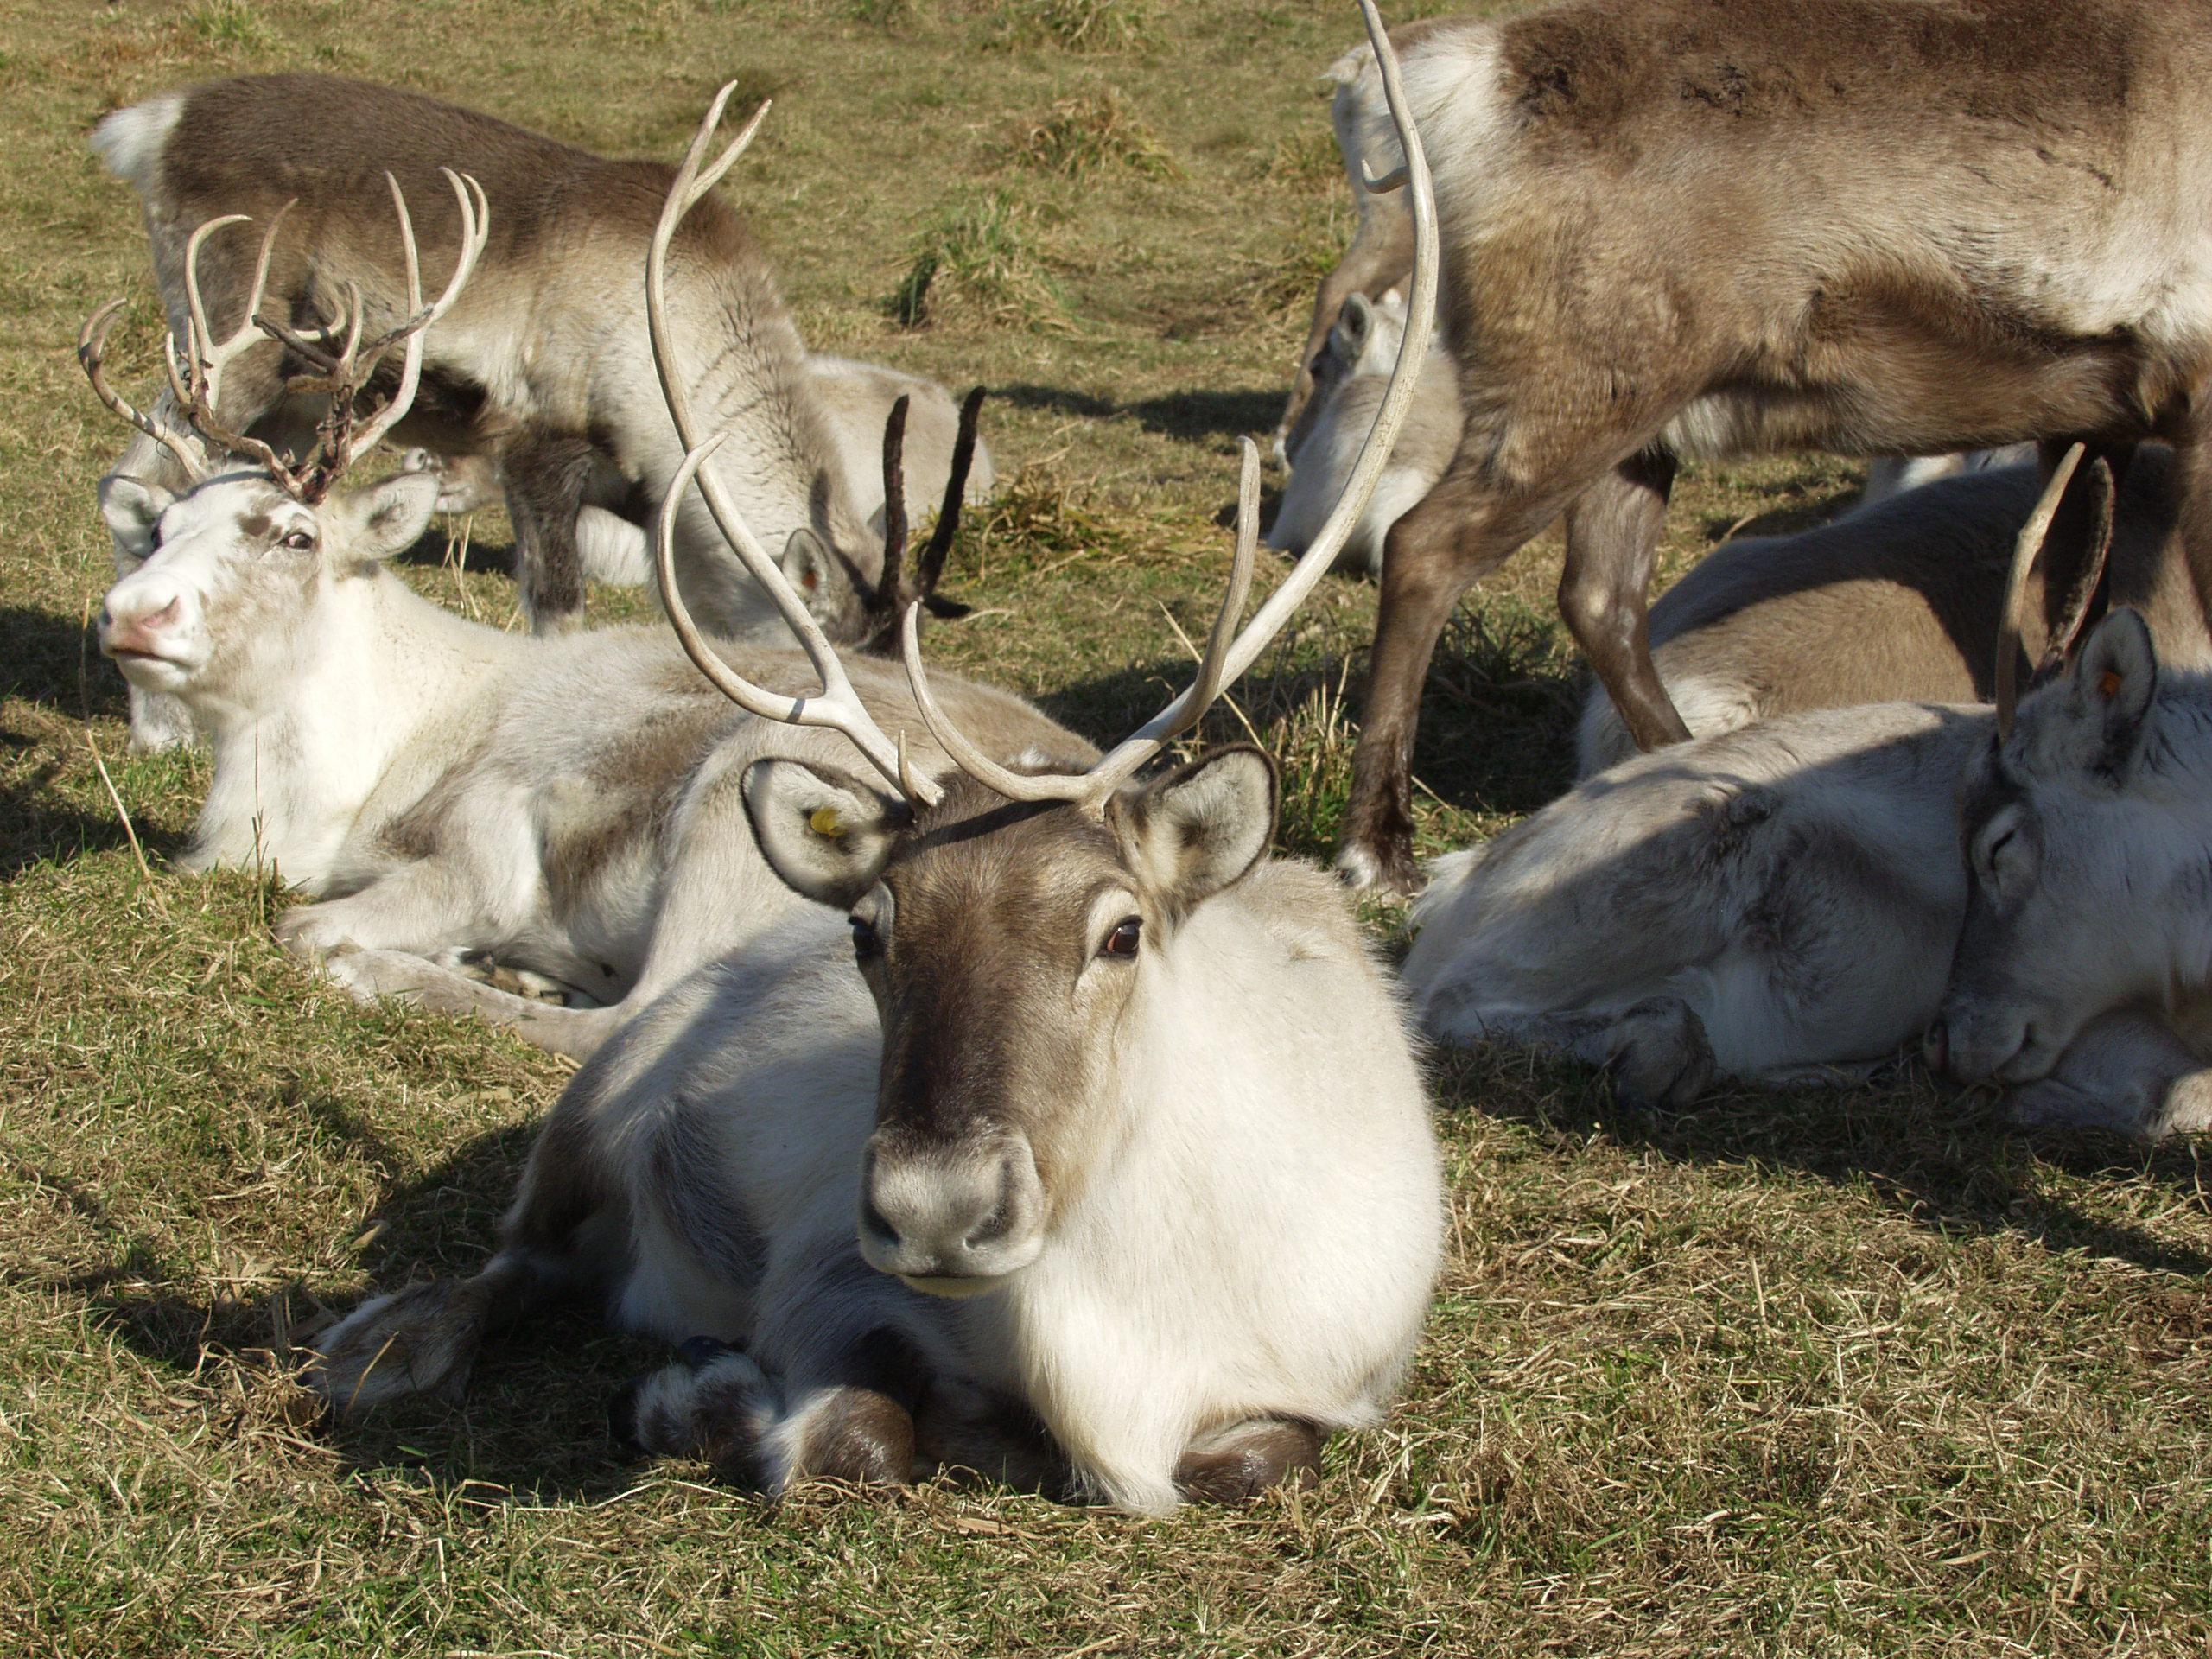 幌延馴鹿觀光牧場:免費參觀!能夠與50頭馴鹿互動的超稀有牧場